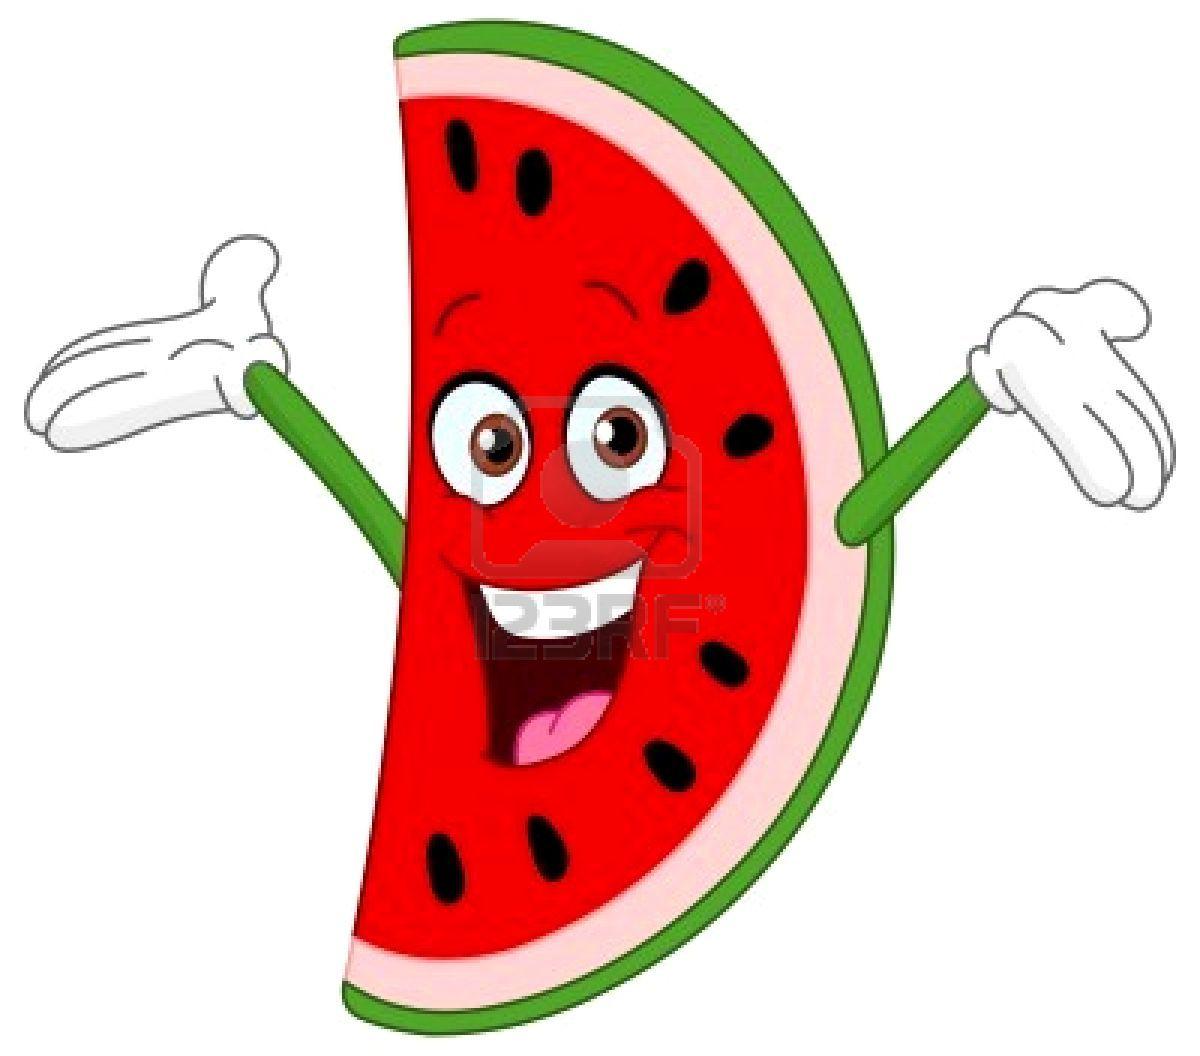 Watermelon clipart carton. Stock vector anything cartoon